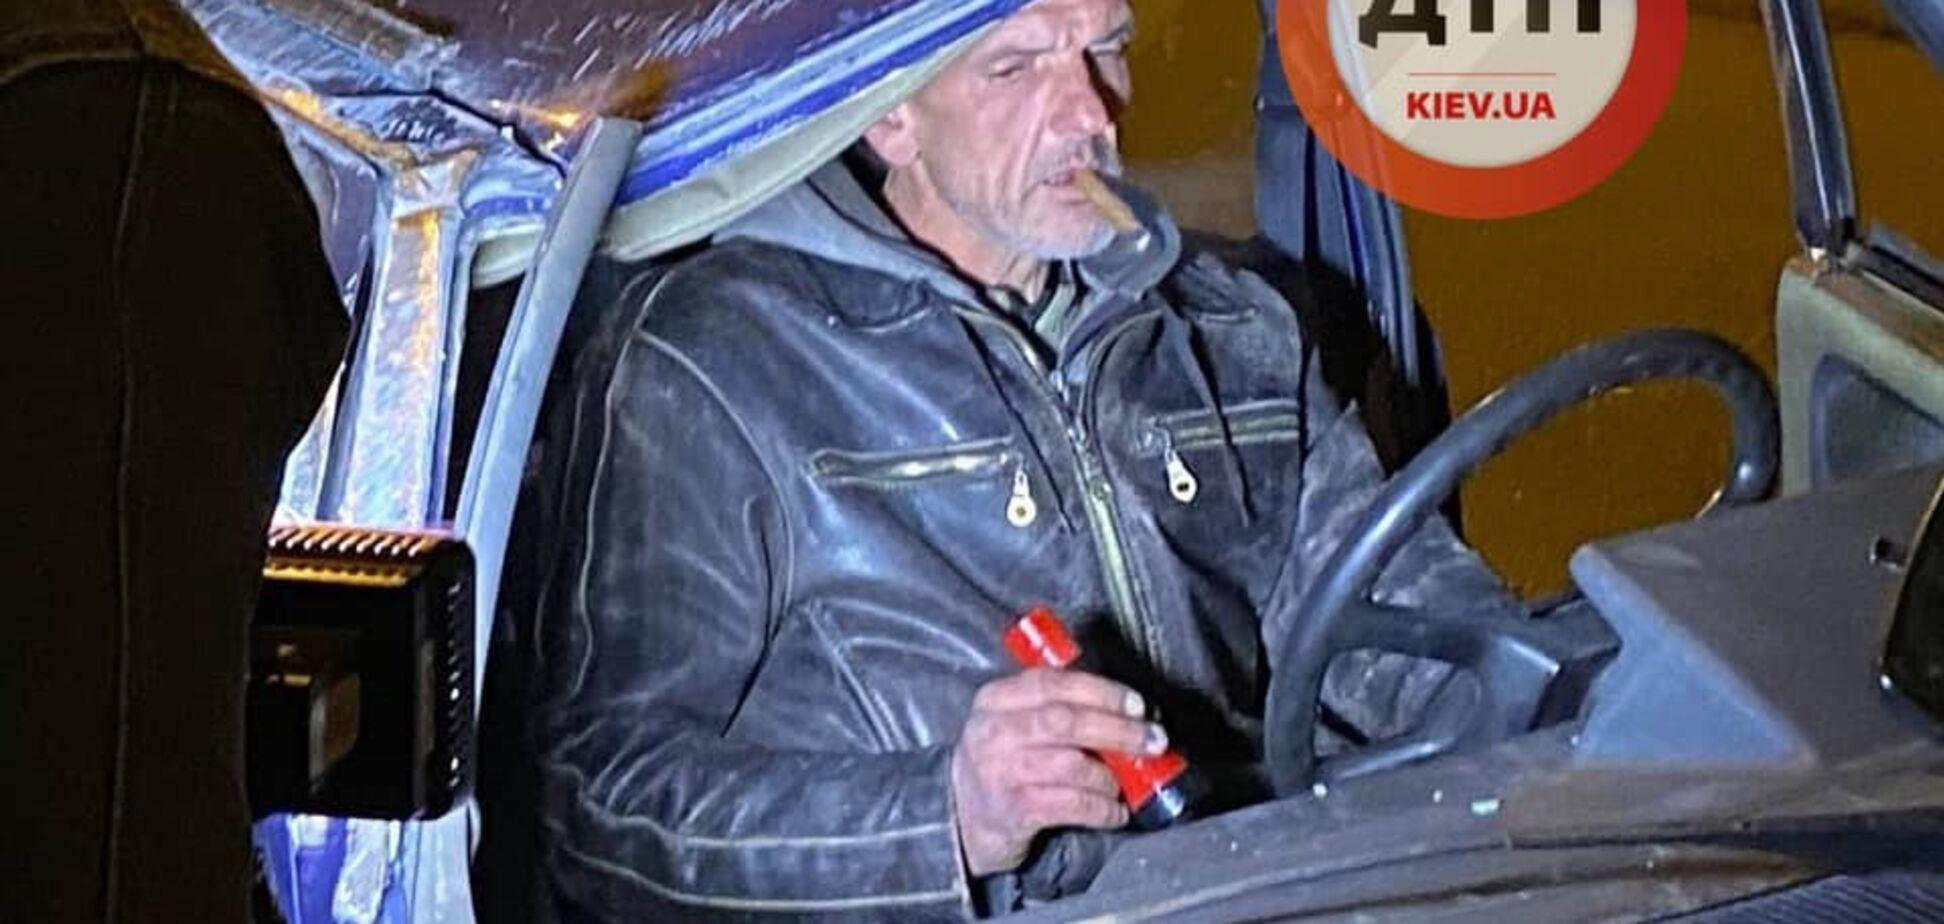 З сигарою в 'Славуті': у Києві п'яний чоловік скоїв ДТП